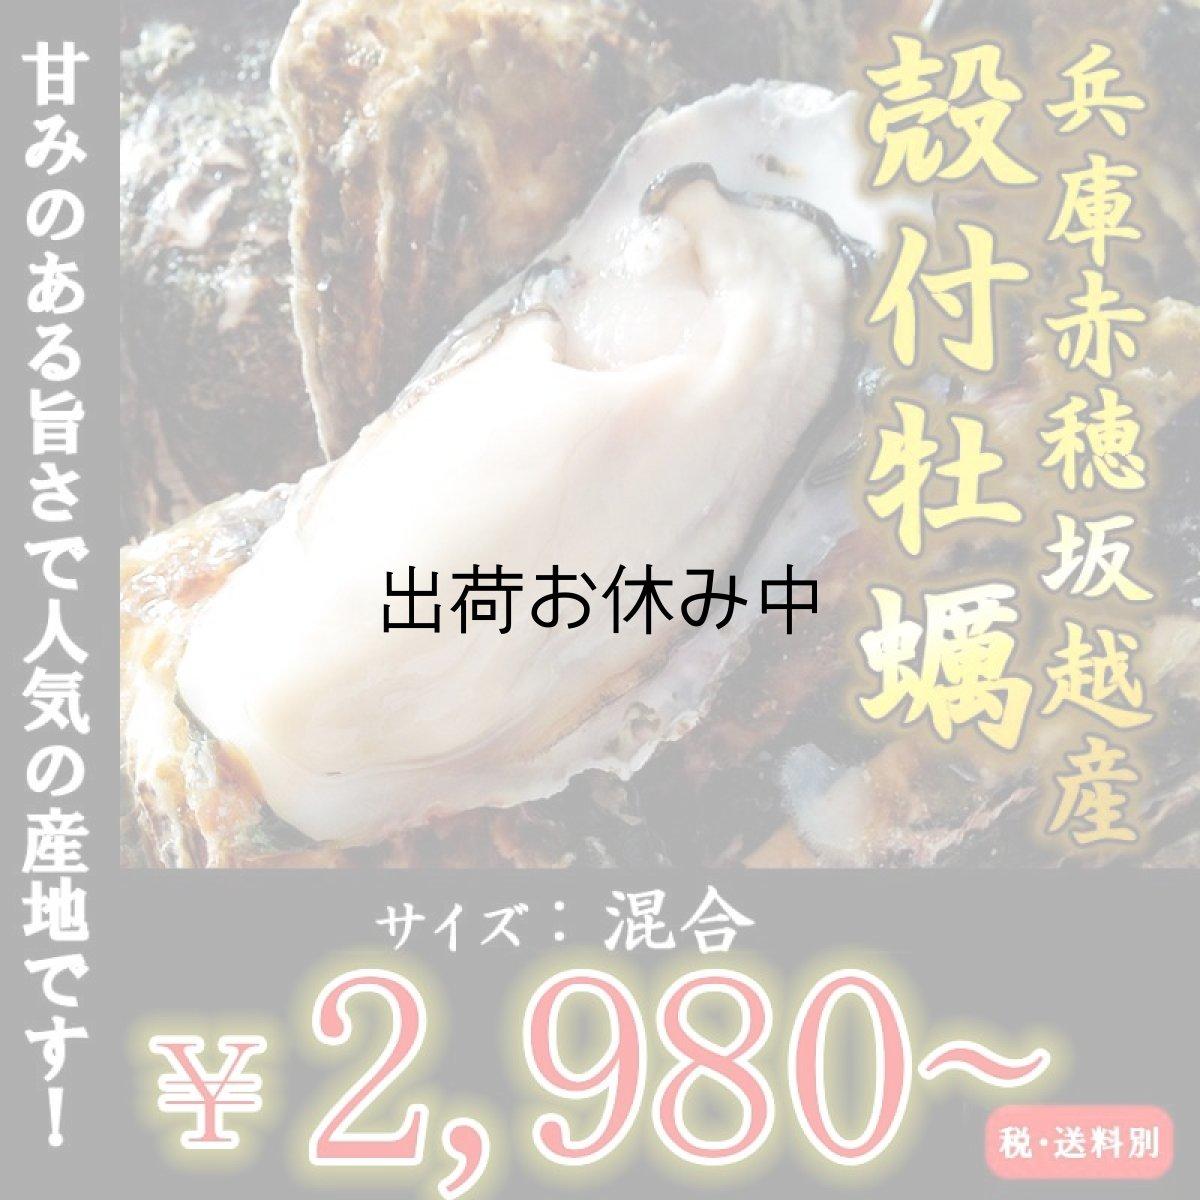 画像1: 【お急ぎ便】兵庫赤穂坂越産 坂越かき (お届け地域限定) (1)